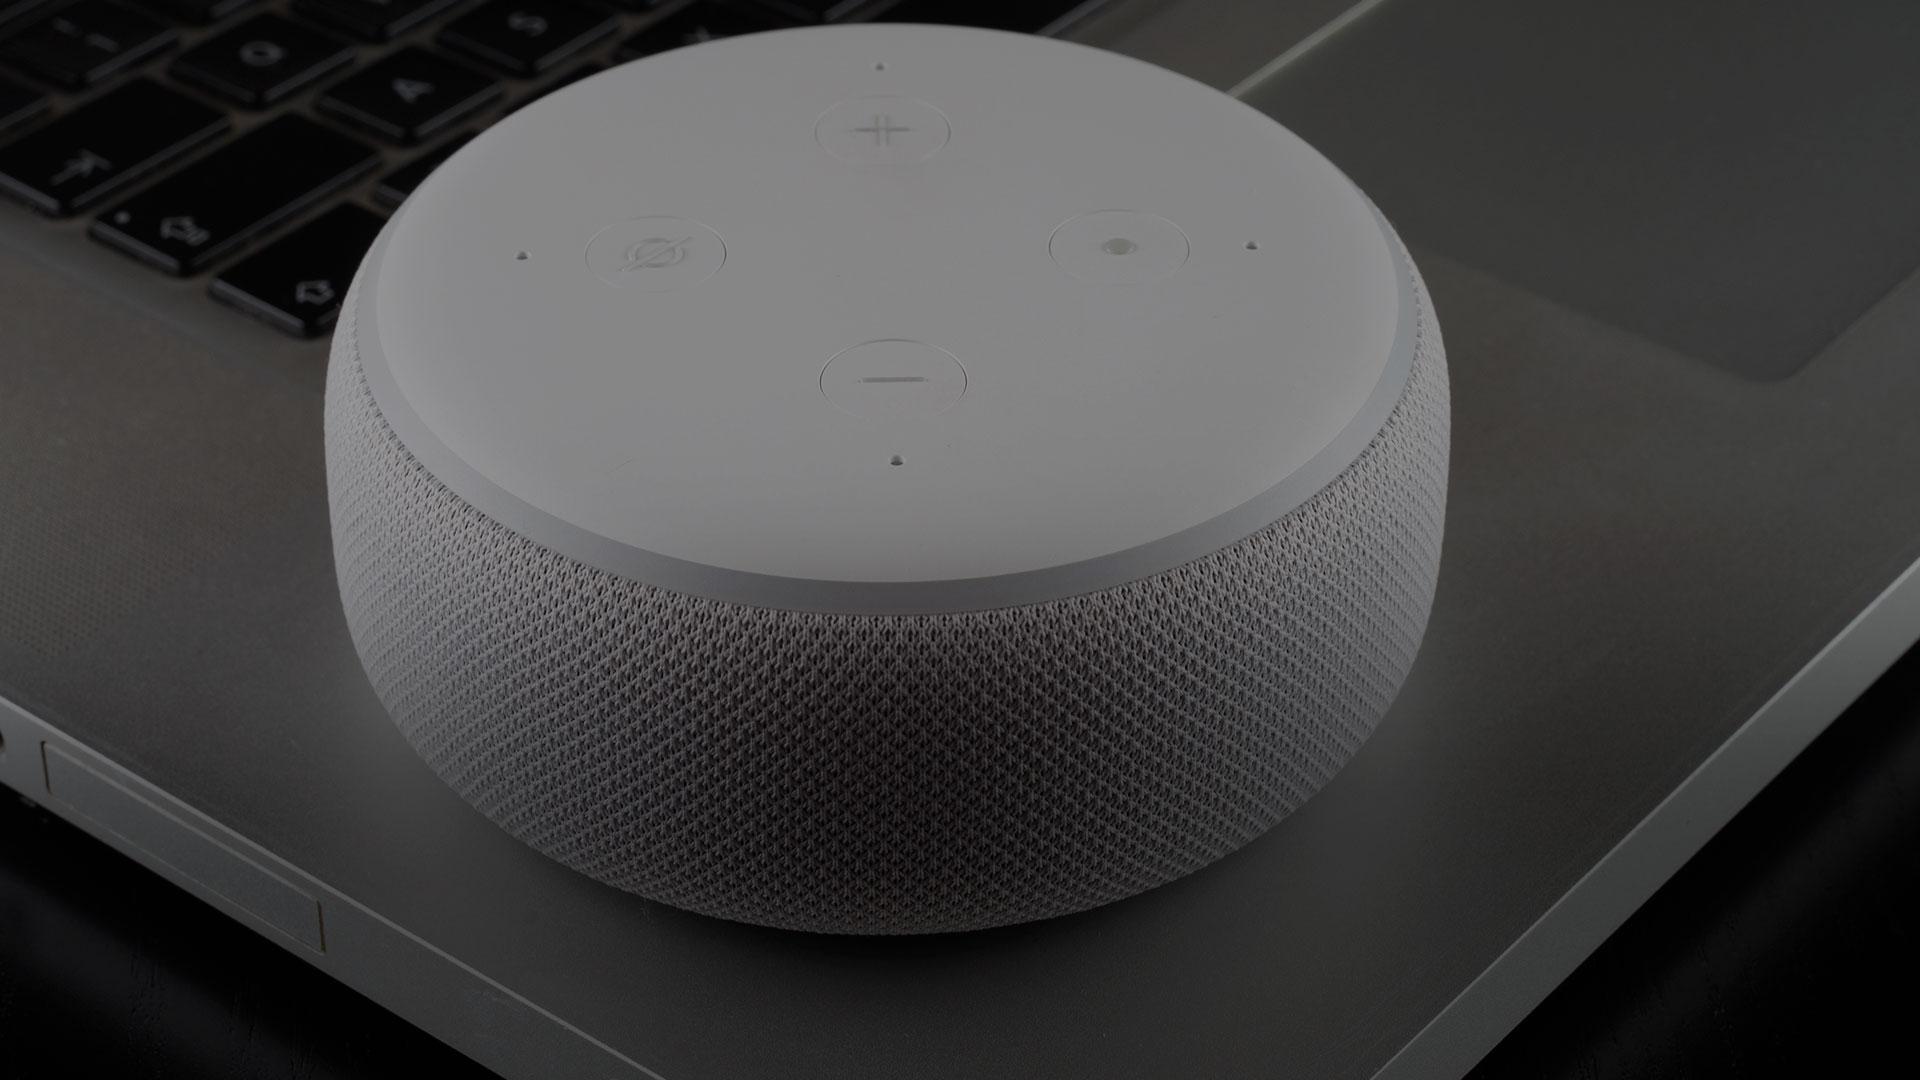 UOL EdTech inova experiência de aprendizado acadêmico com Alexa